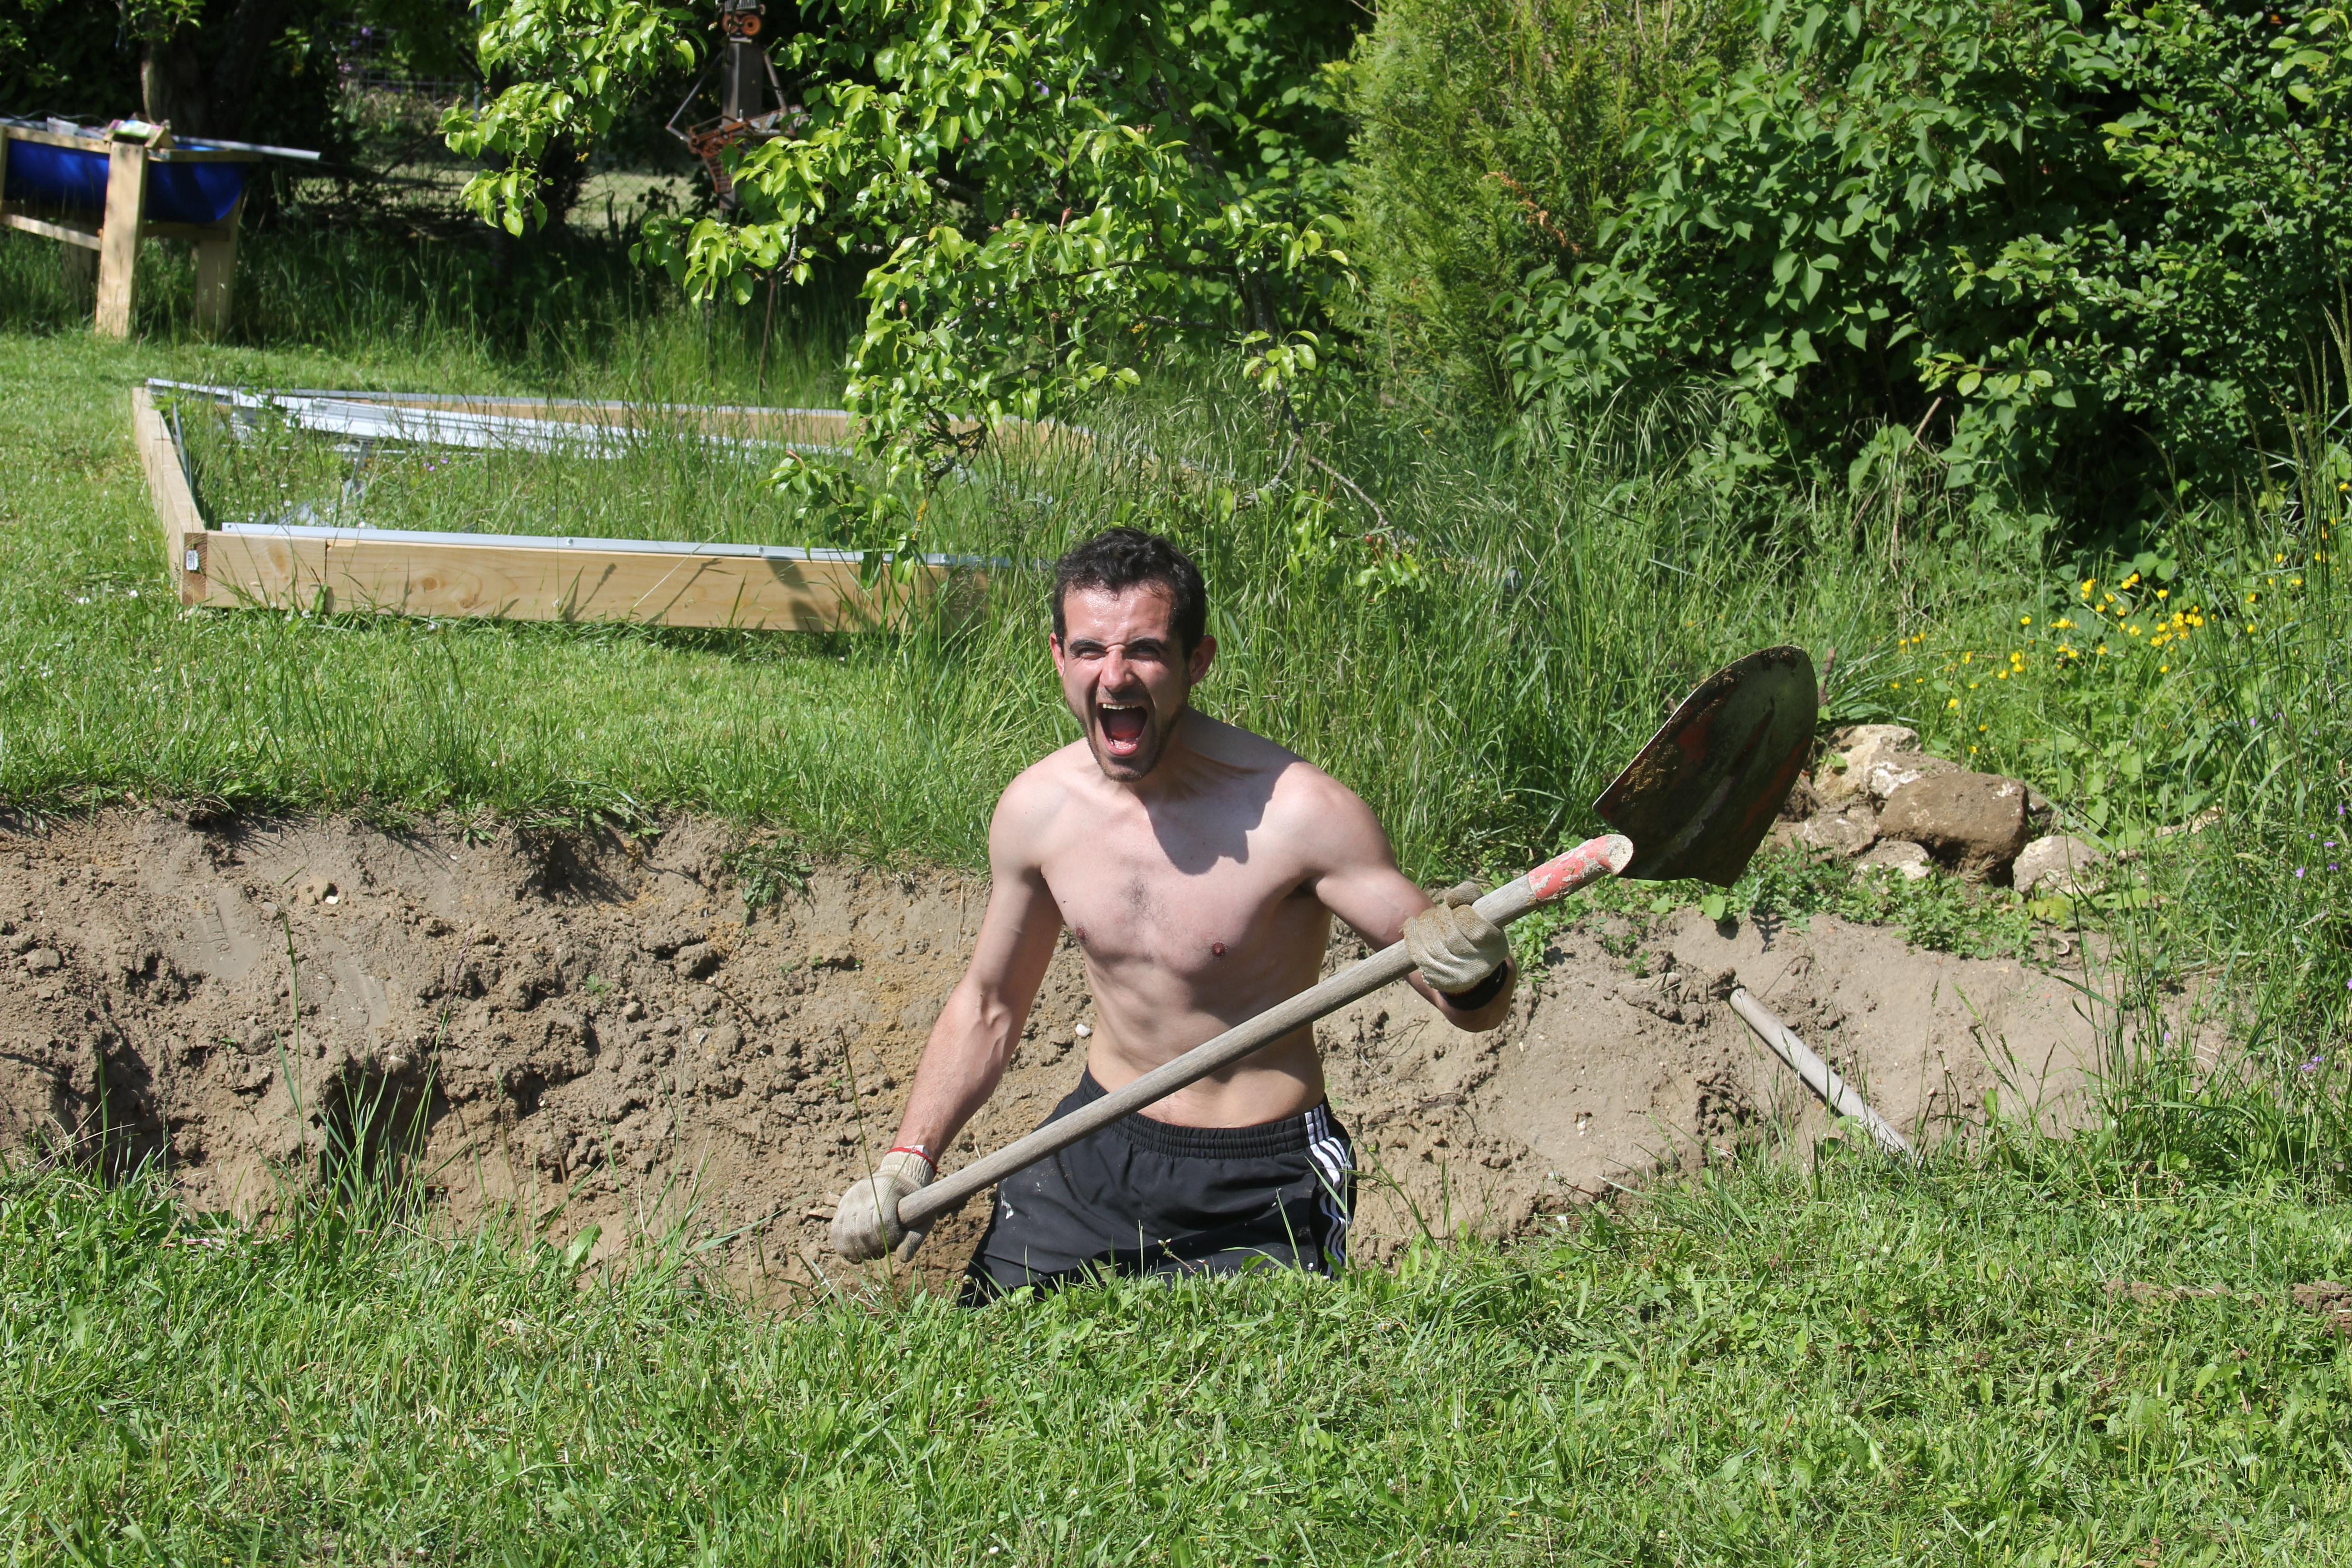 Construire Son Bassin De Jardin faire un bassin artificiel dans son jardin - aquaponie